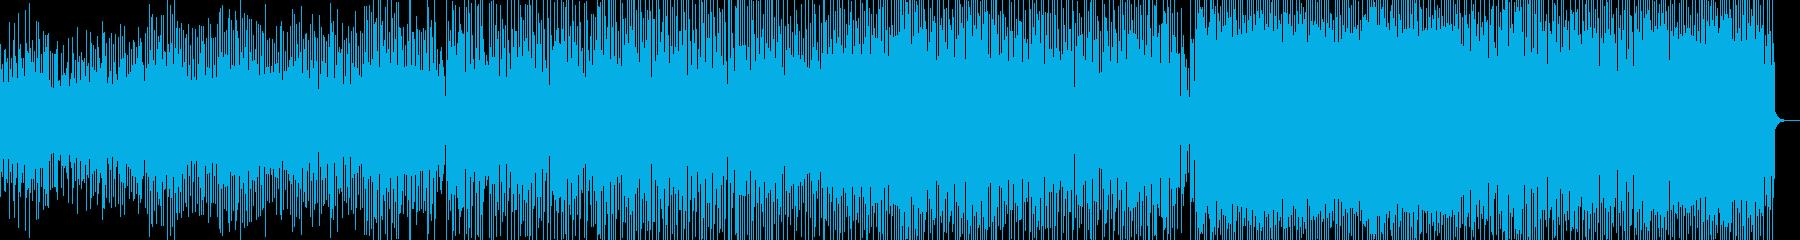 レトロなサイエンス・テクノエレクトロニカの再生済みの波形